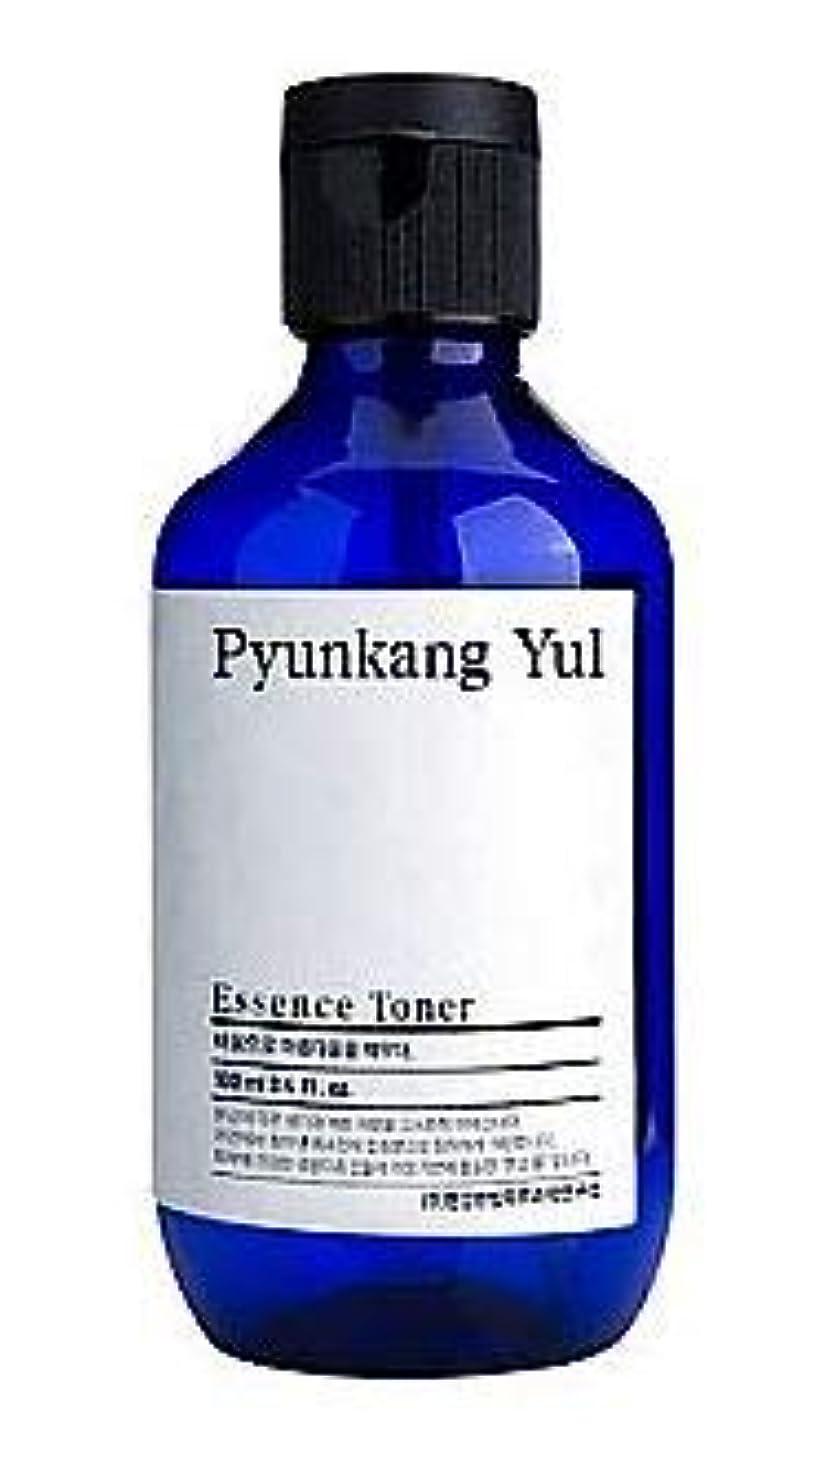 首謀者基本的な間違い[Pyunkang Yul] Essence Toner 100ml /[扁康率(PYUNKANG YUL)] エッセンストナー 100ml [並行輸入品]